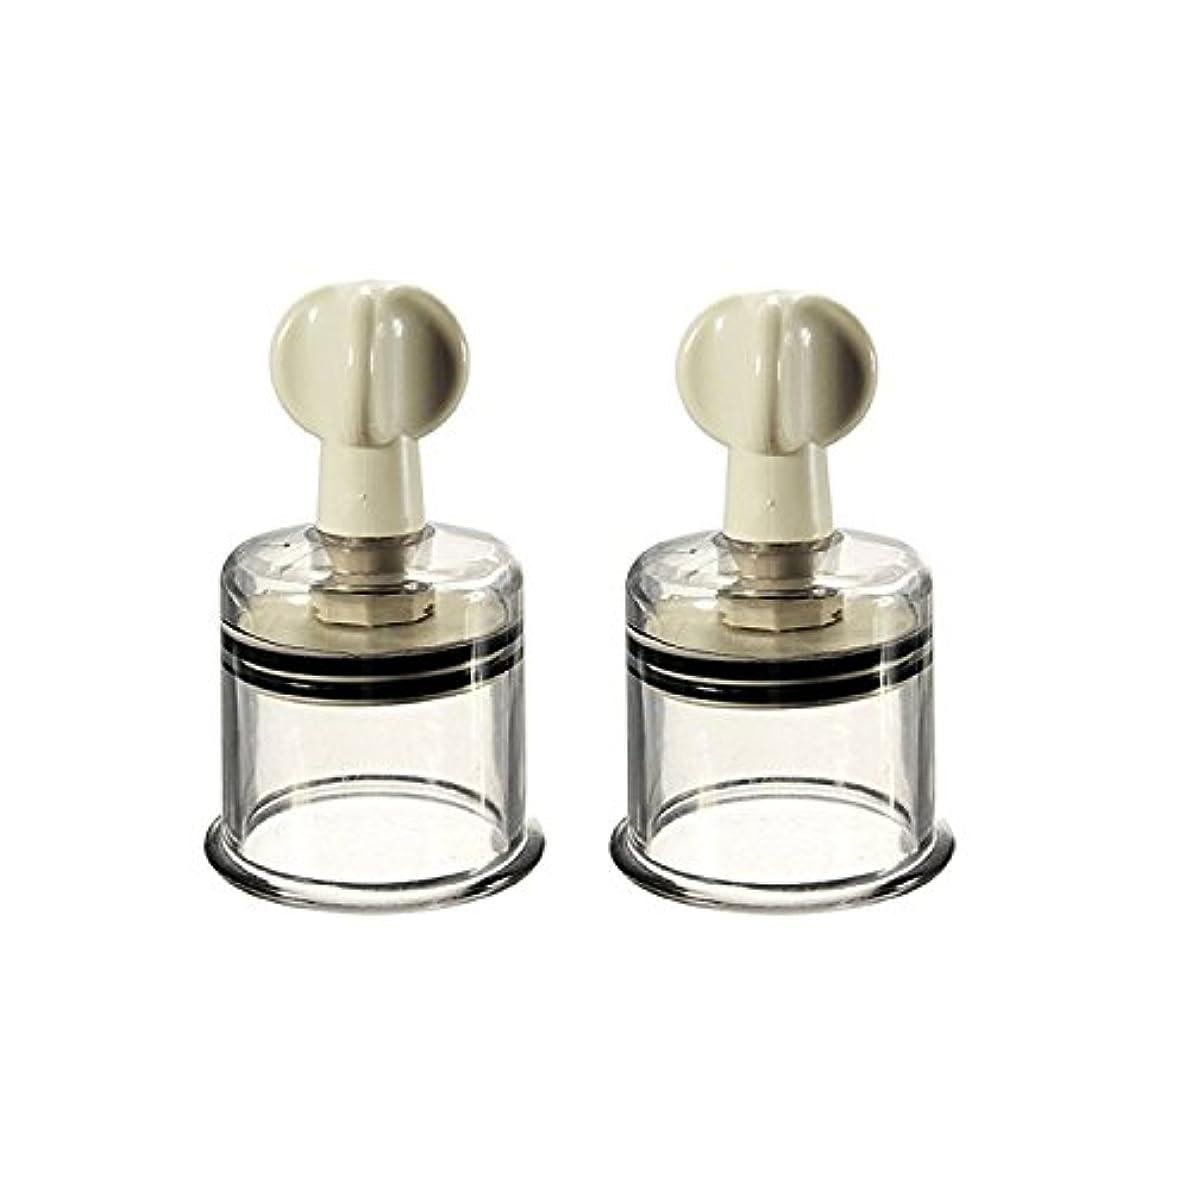 寸前批判する明らかにするThunderStar Nipple Breast Enlargement Enhancement Twister Pump Suckers Rotary 2pcs XL (Dia. 5 cm/1.97 in) Firmer Perkier Larger Nipples